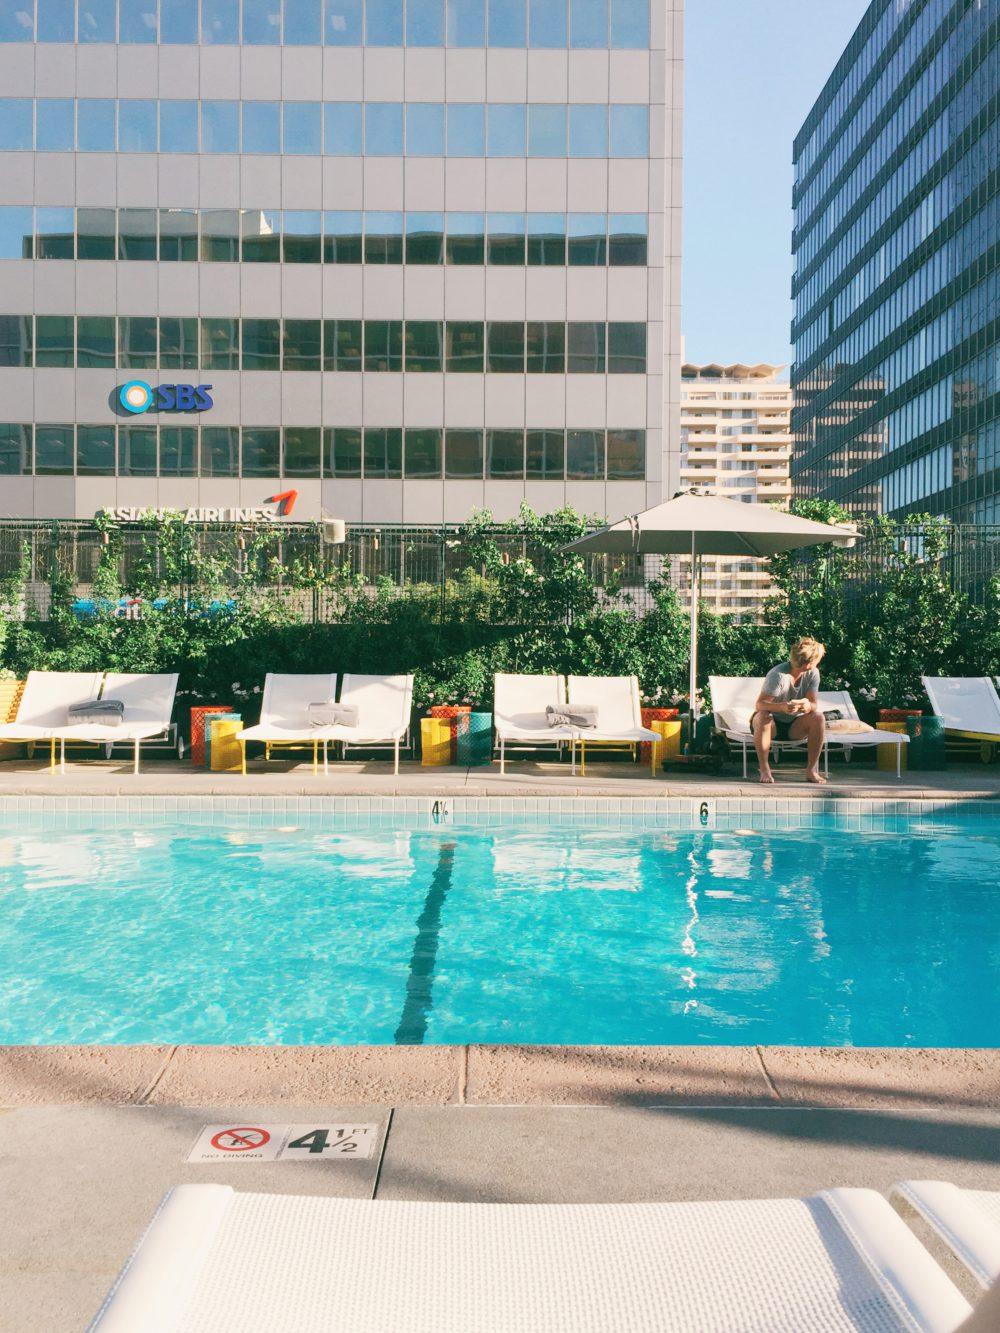 Line Hotel Los Angeles | www.rtwgirl.com